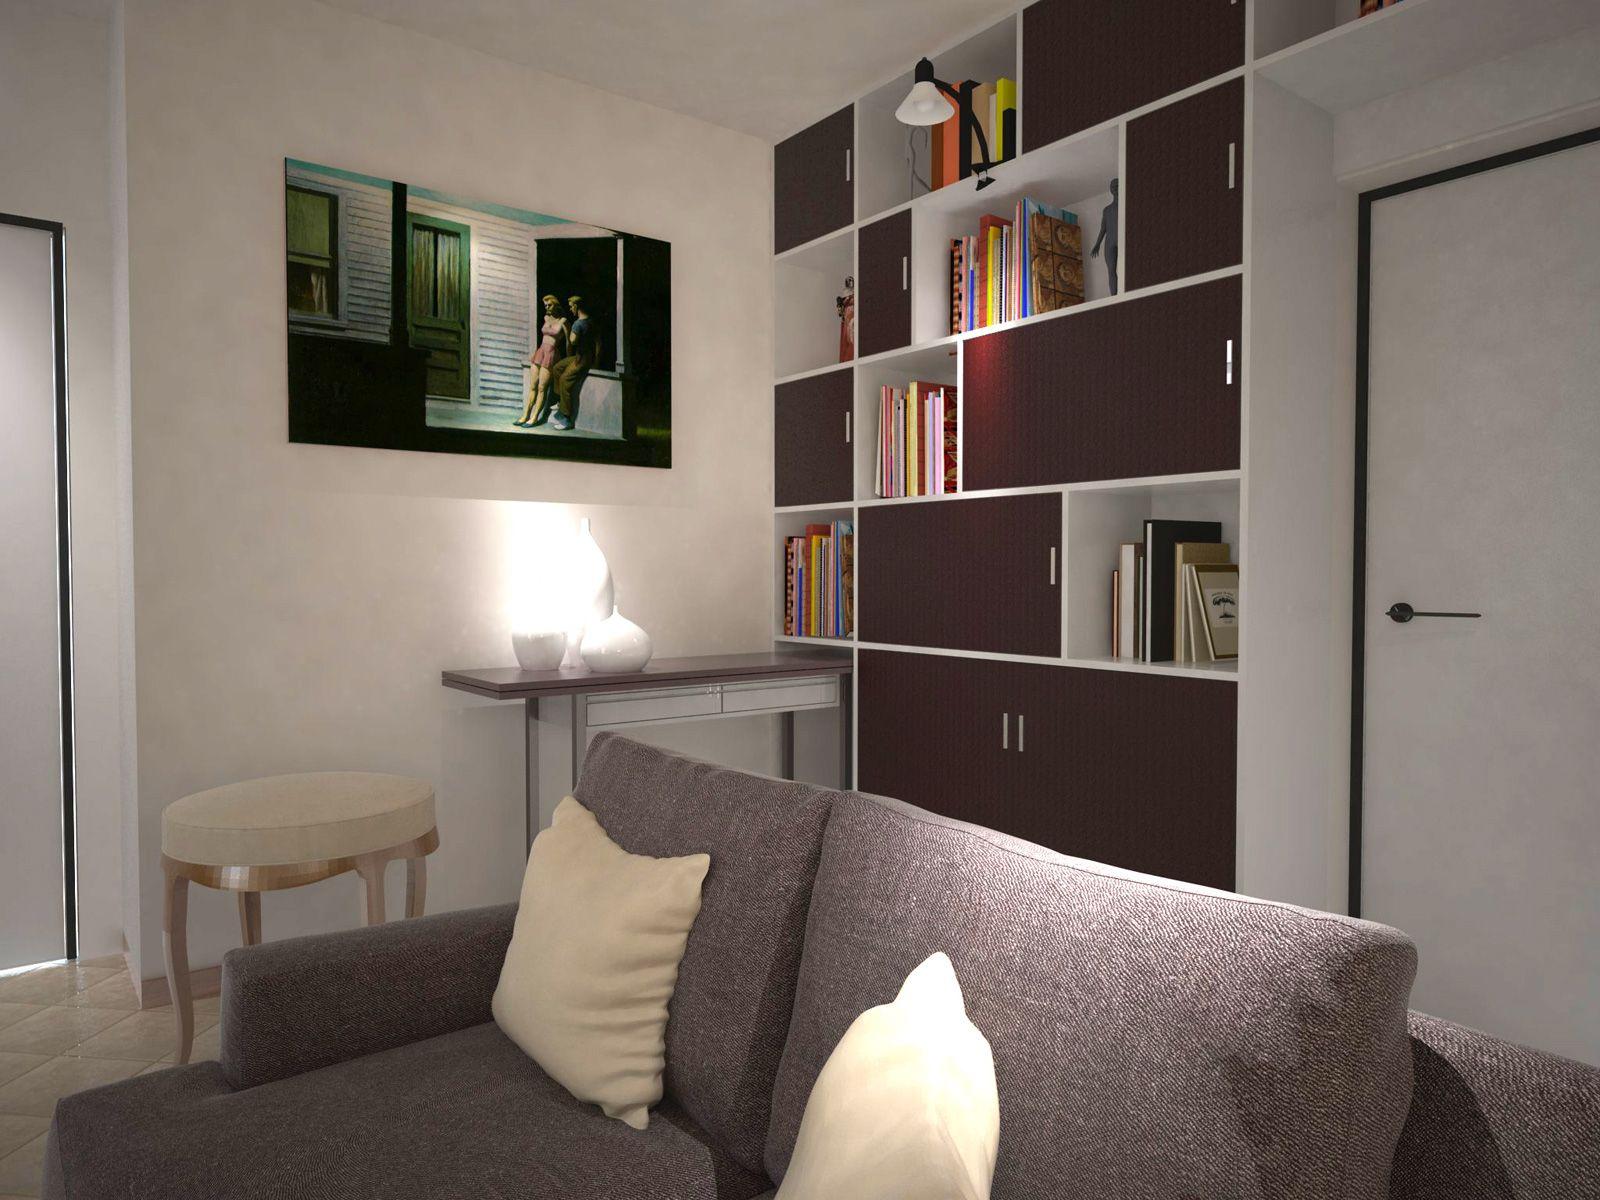 Arredare un soggiorno con tante aperture sulle pareti | ;a favourite ...